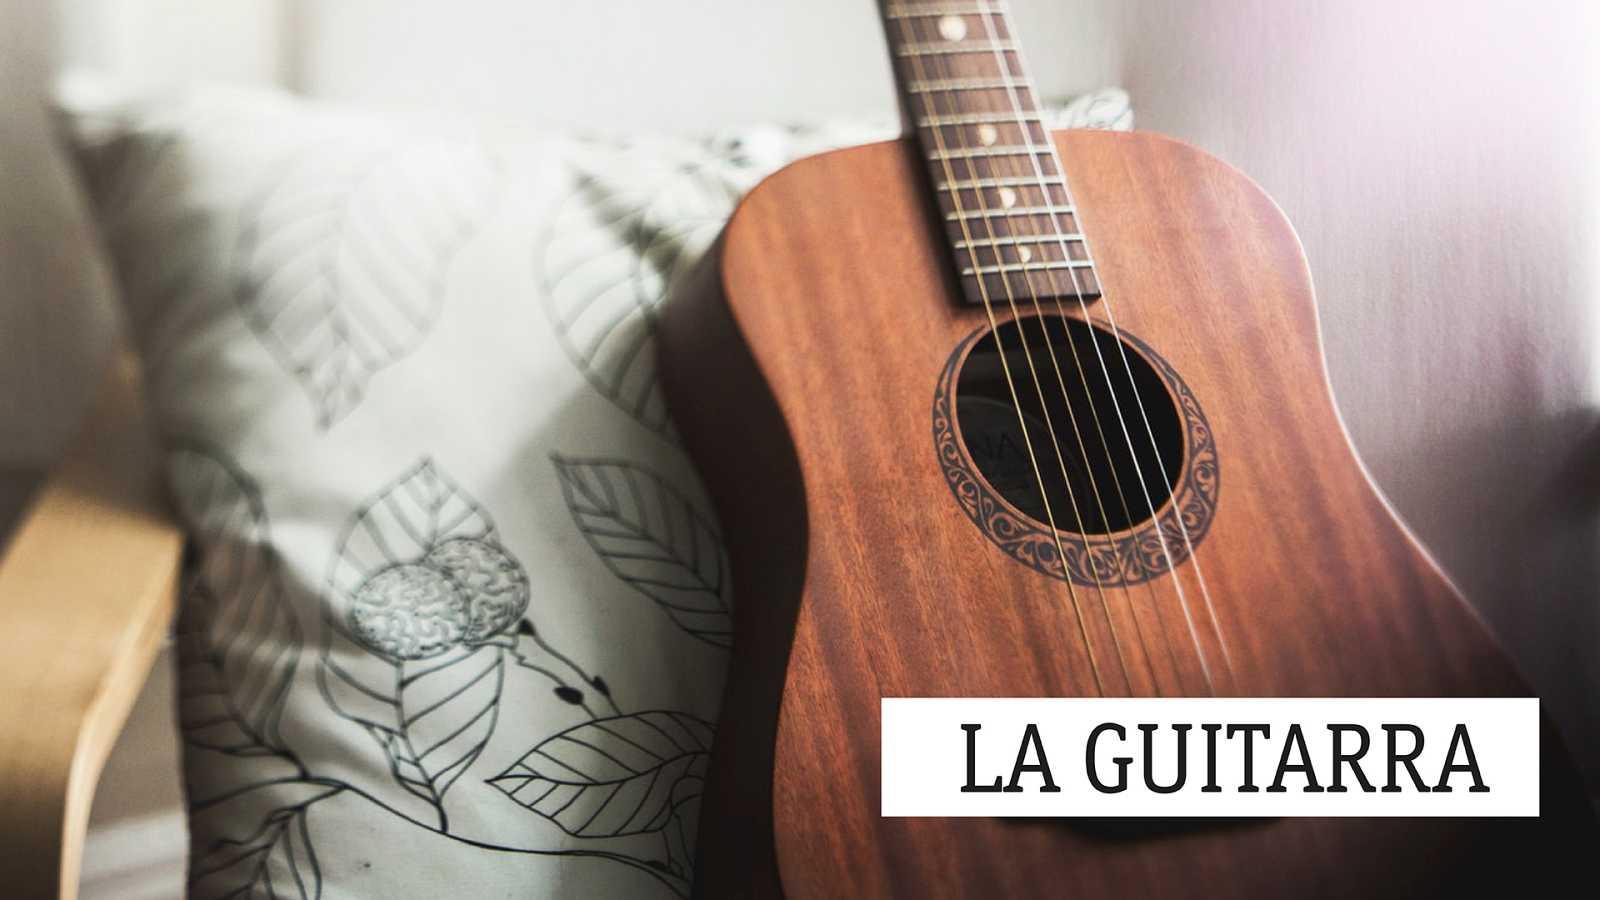 La guitarra - Festival Internacional de Guitarra de Uppsala - 14/03/21 - escuchar ahora